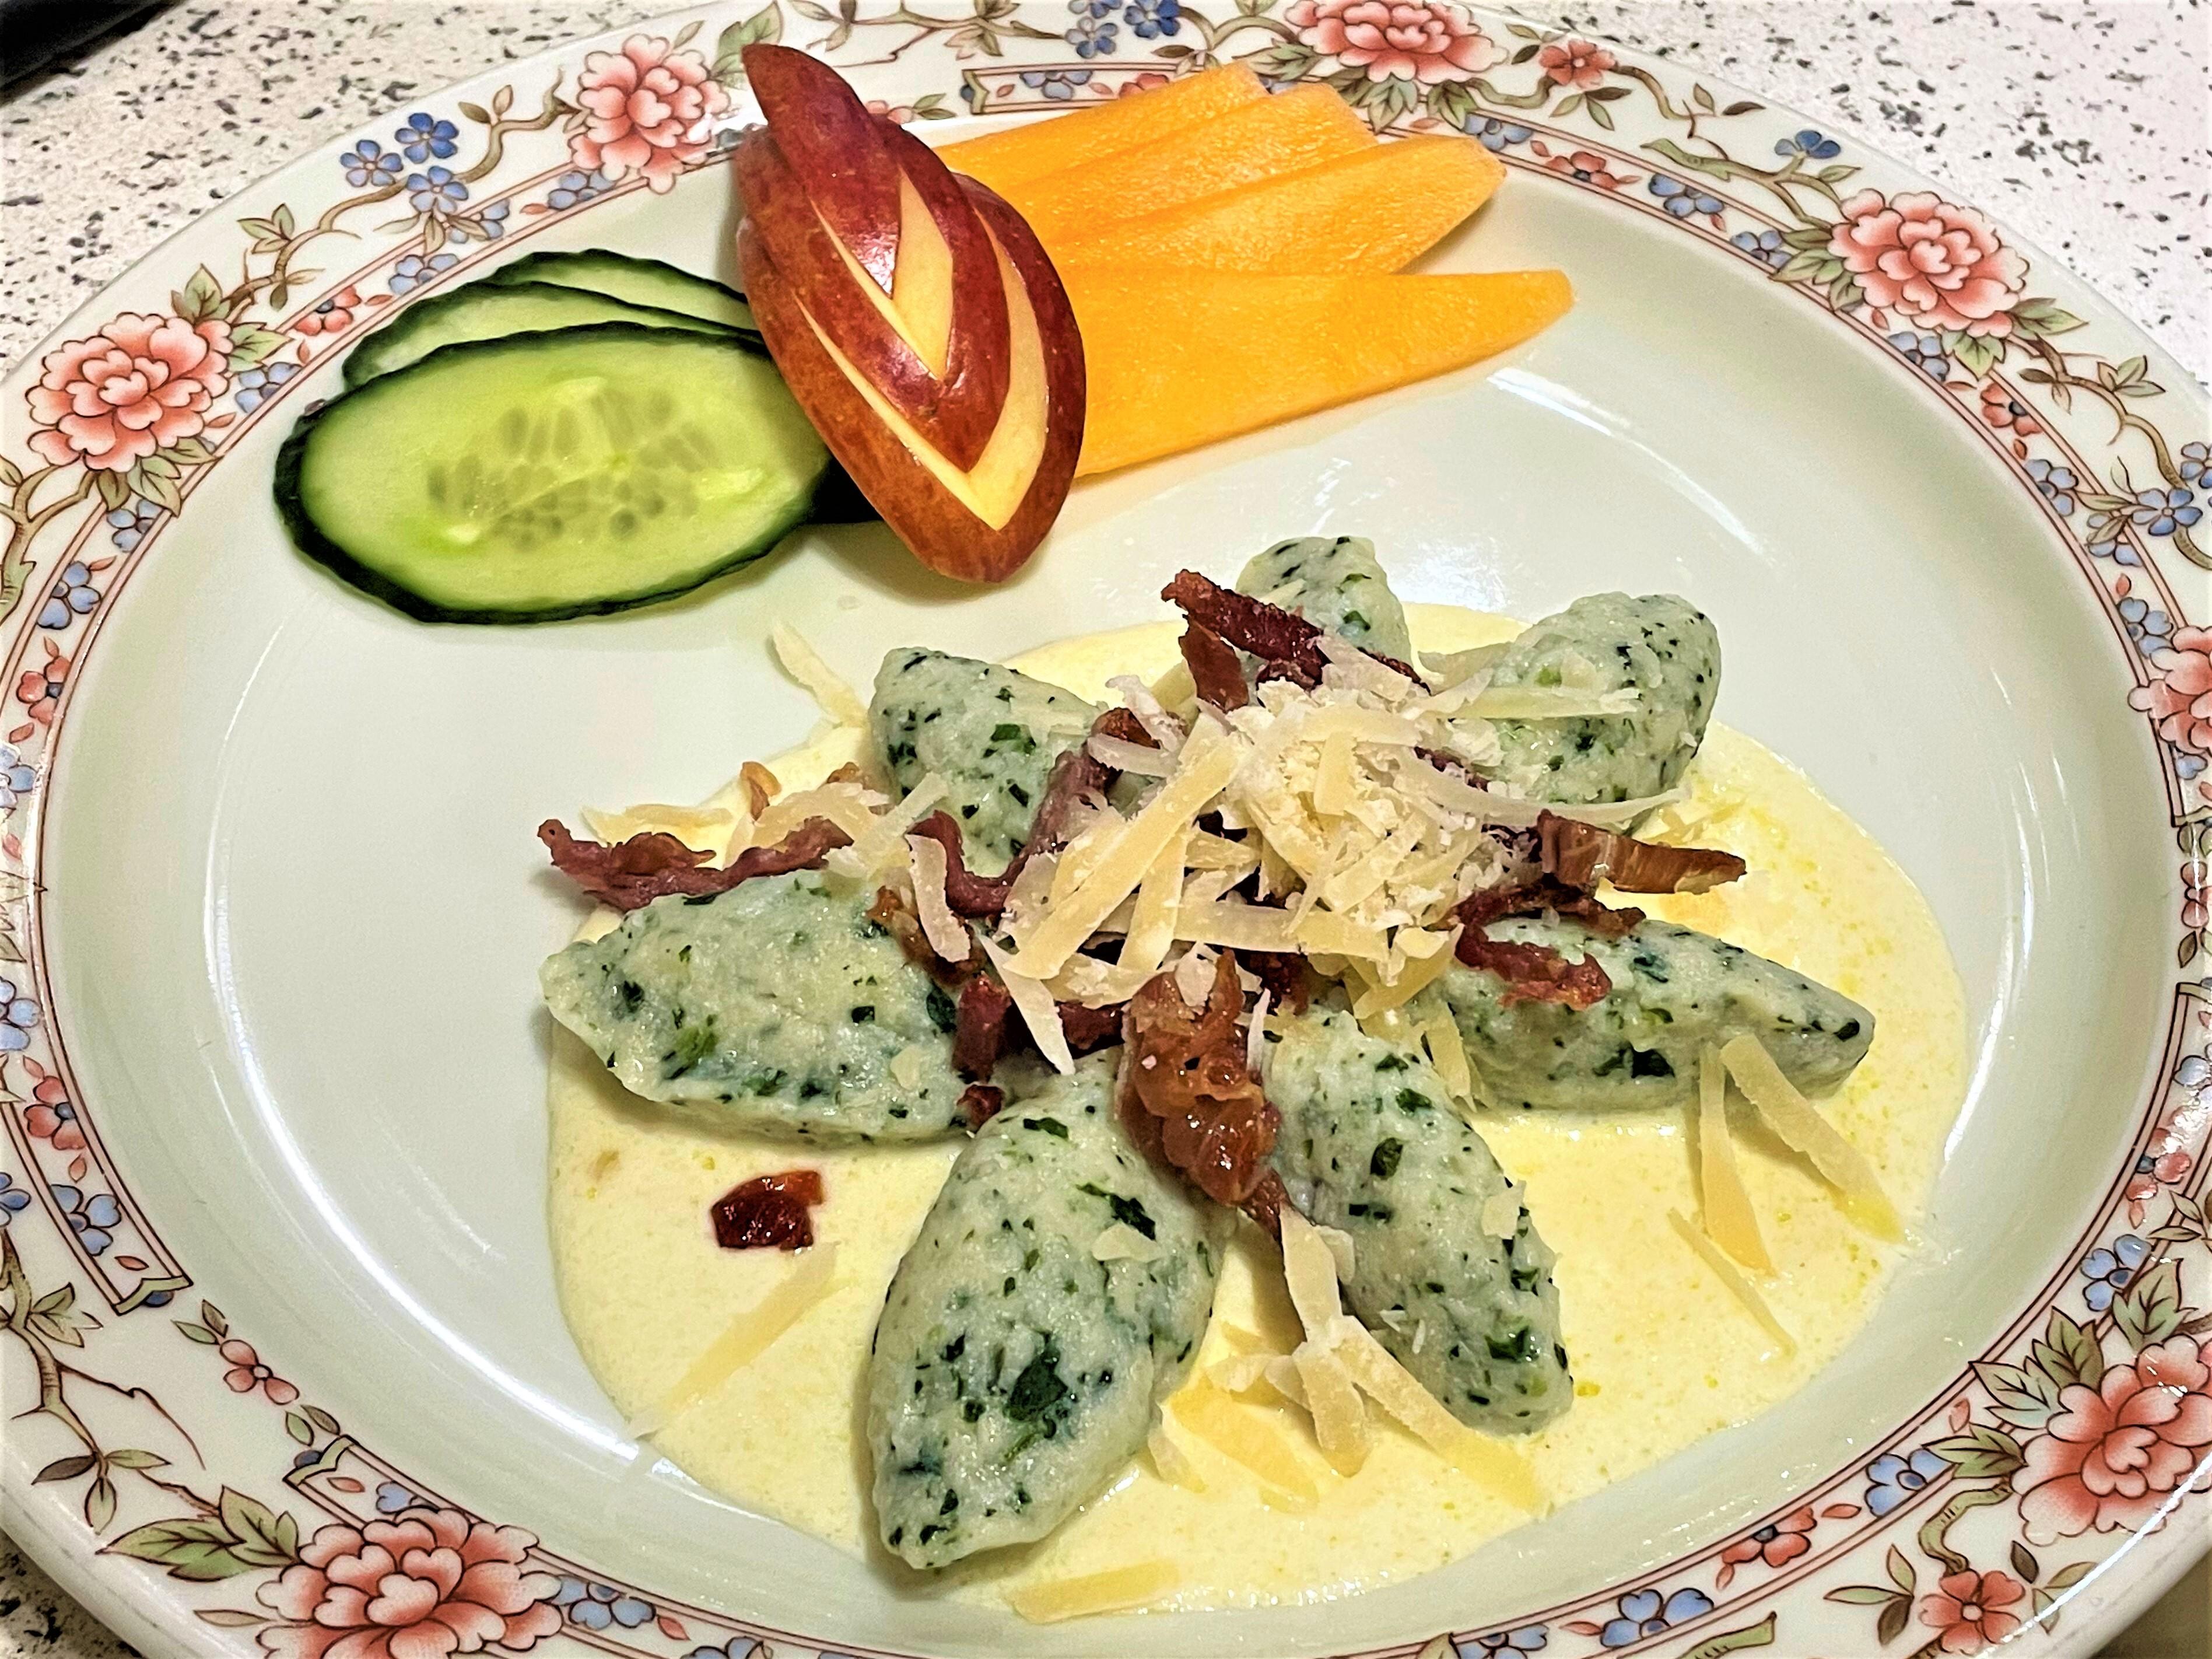 Chenelle di ricotta e spinaci con crema di parmigiano e speck croccante